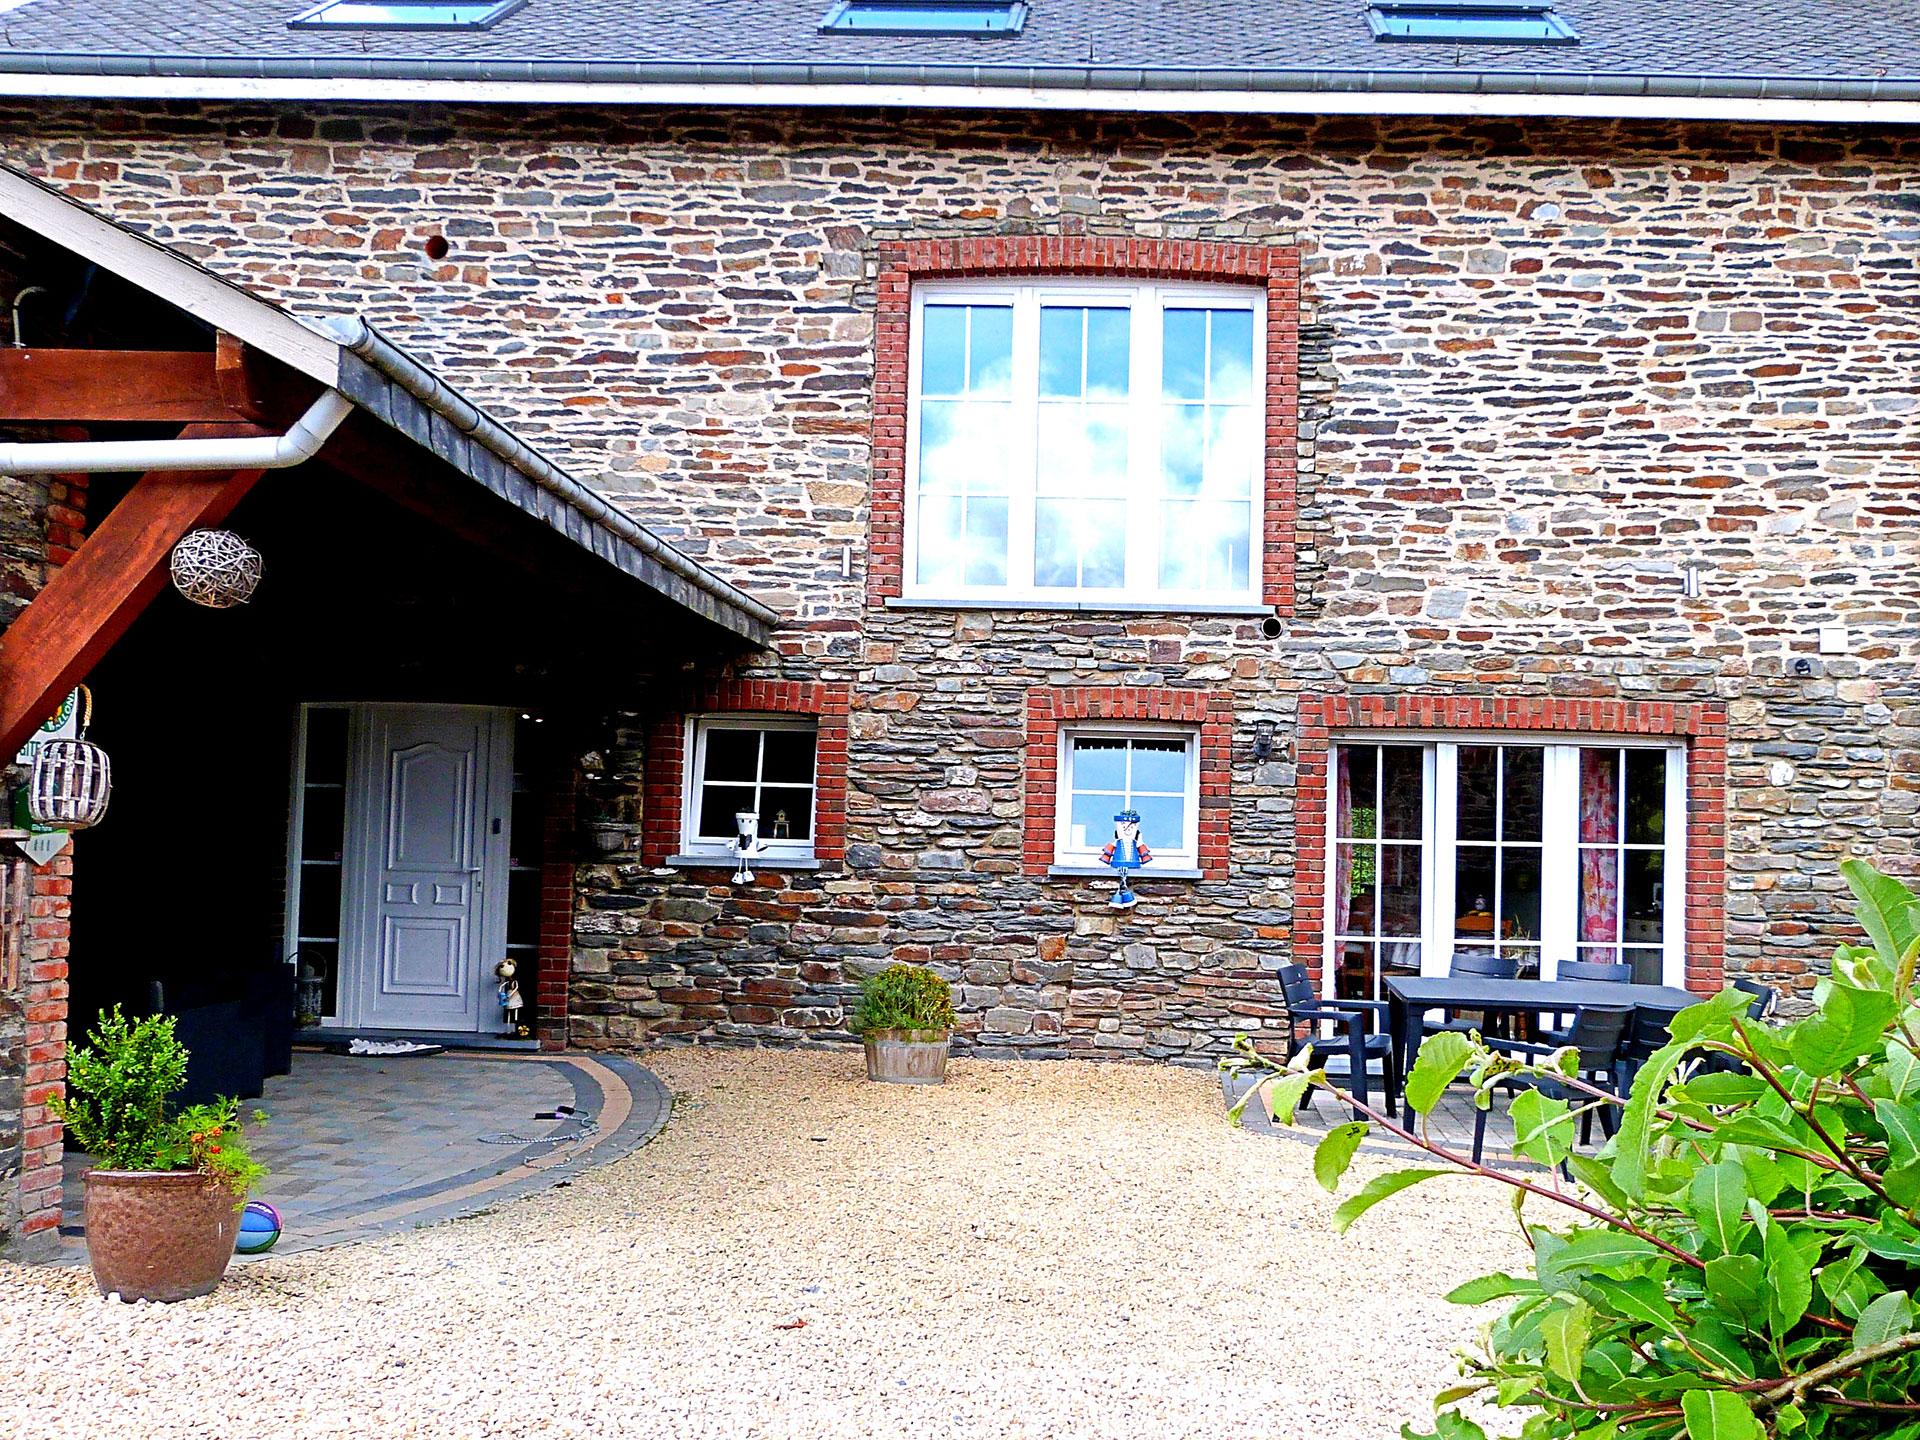 Gîte du Rancourt - Sous la grange - Gîte rural - Sainte-Ode